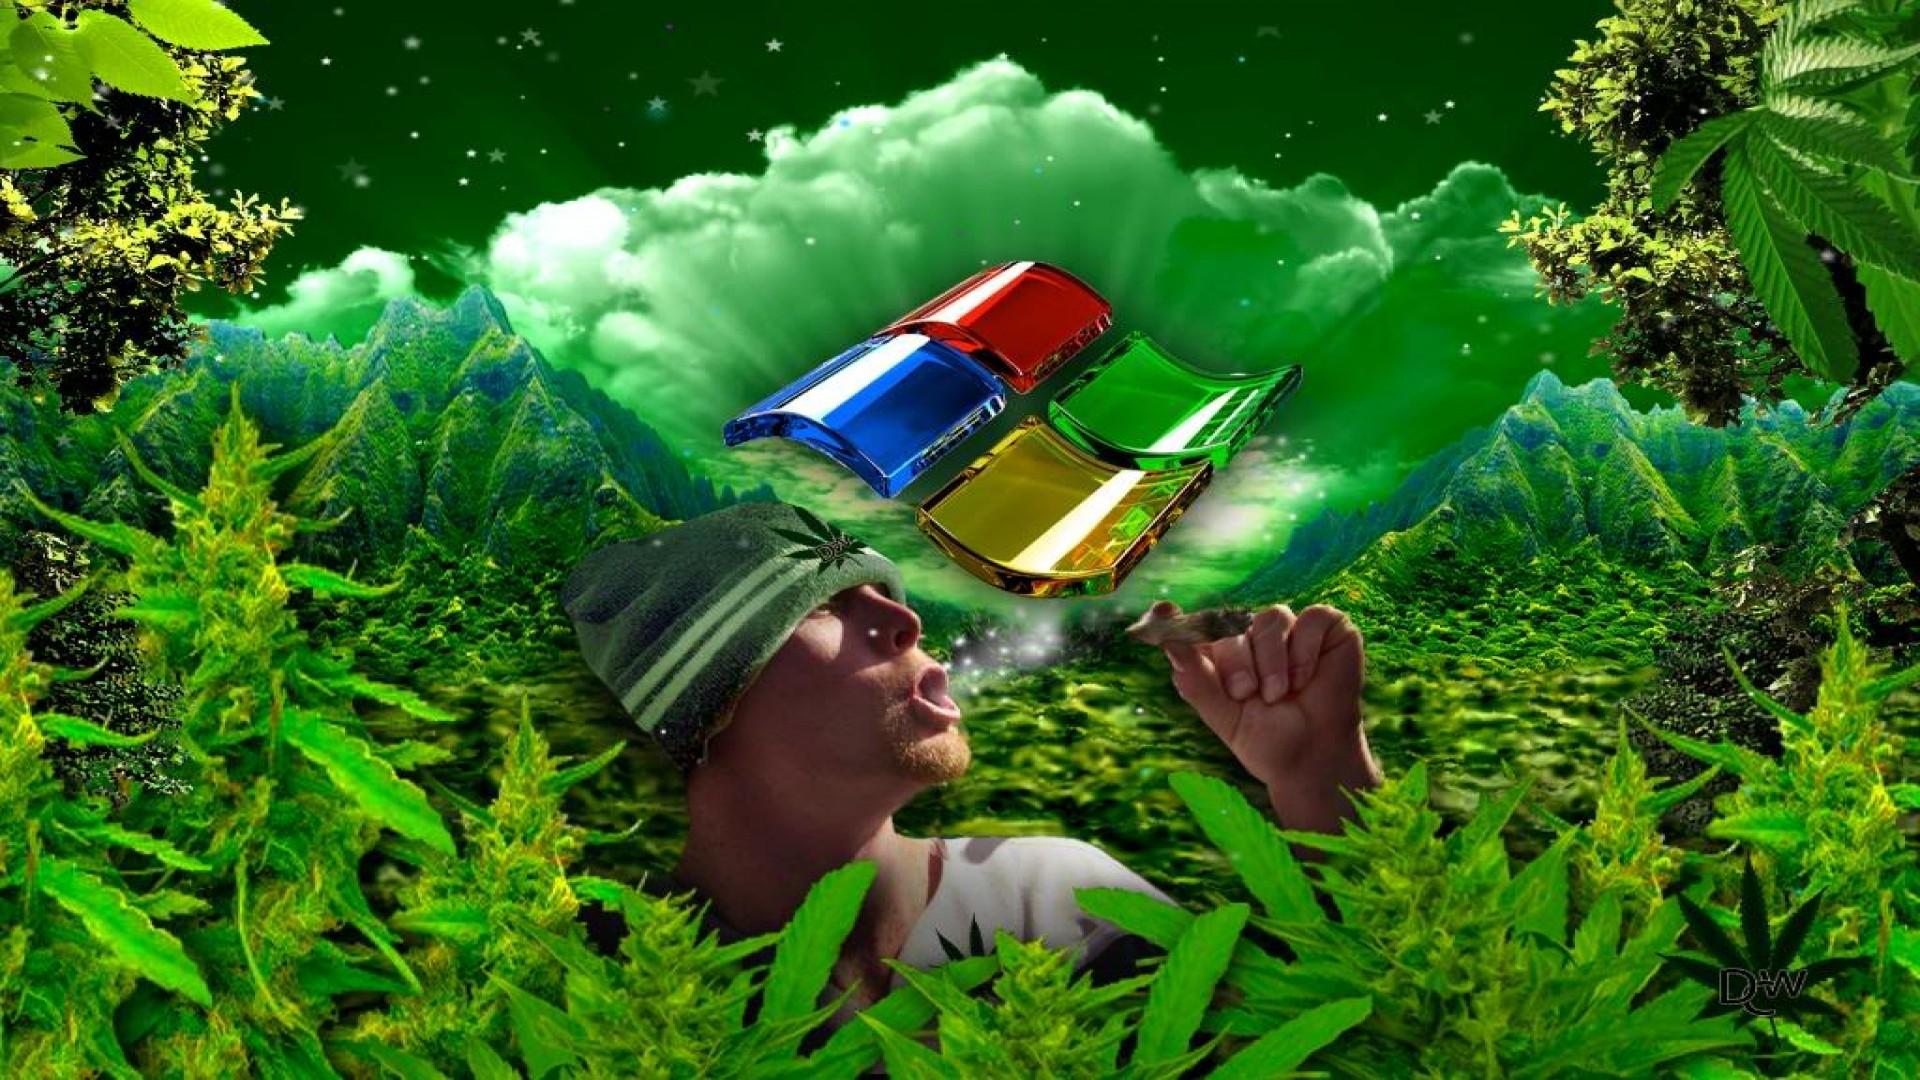 2100x1367 Drugs Download Tablet Widescreen Weed Hd Wallpapersmarijuana Wallpaper HD